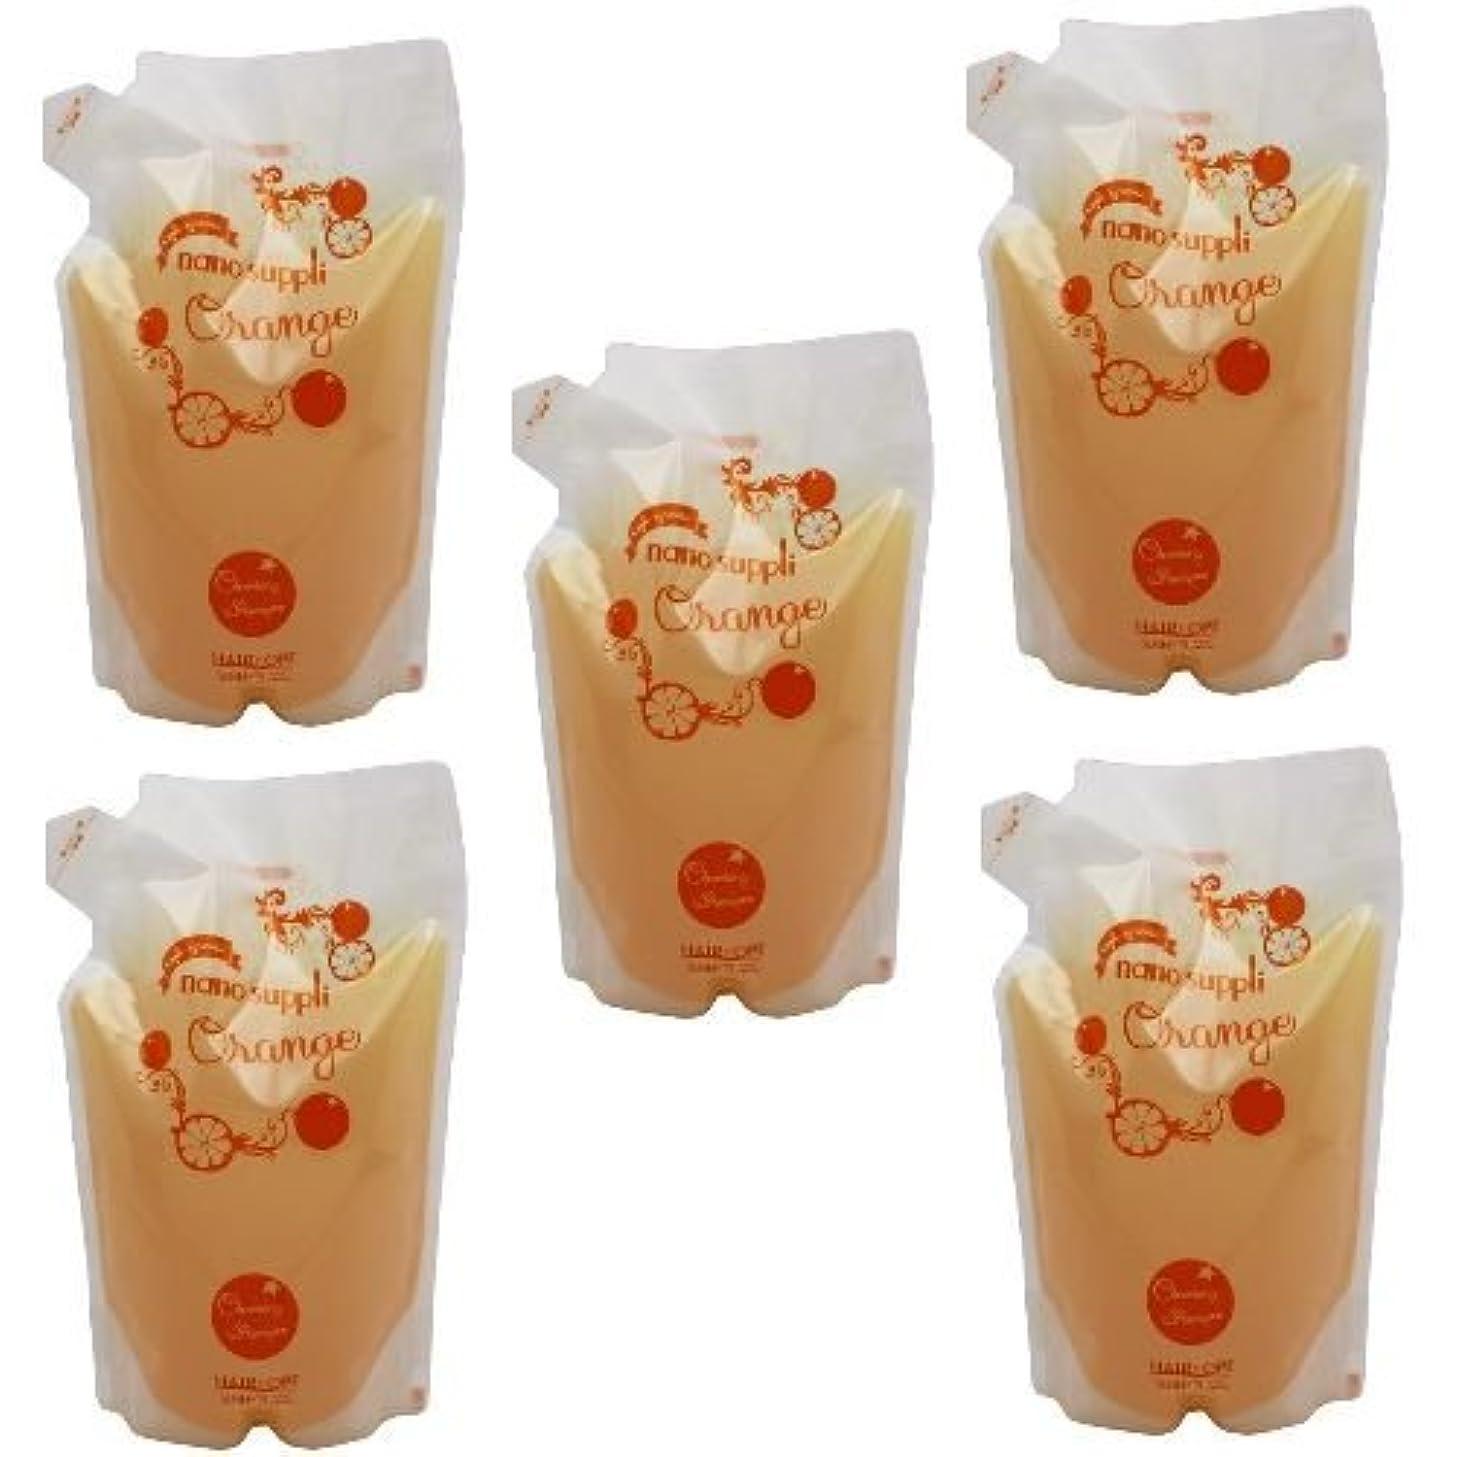 めまいが受益者酸っぱい【x5個セット】 サニープレイス ナノサプリ ヘアクレンジングシャンプー オレンジ 800ml (詰替用)